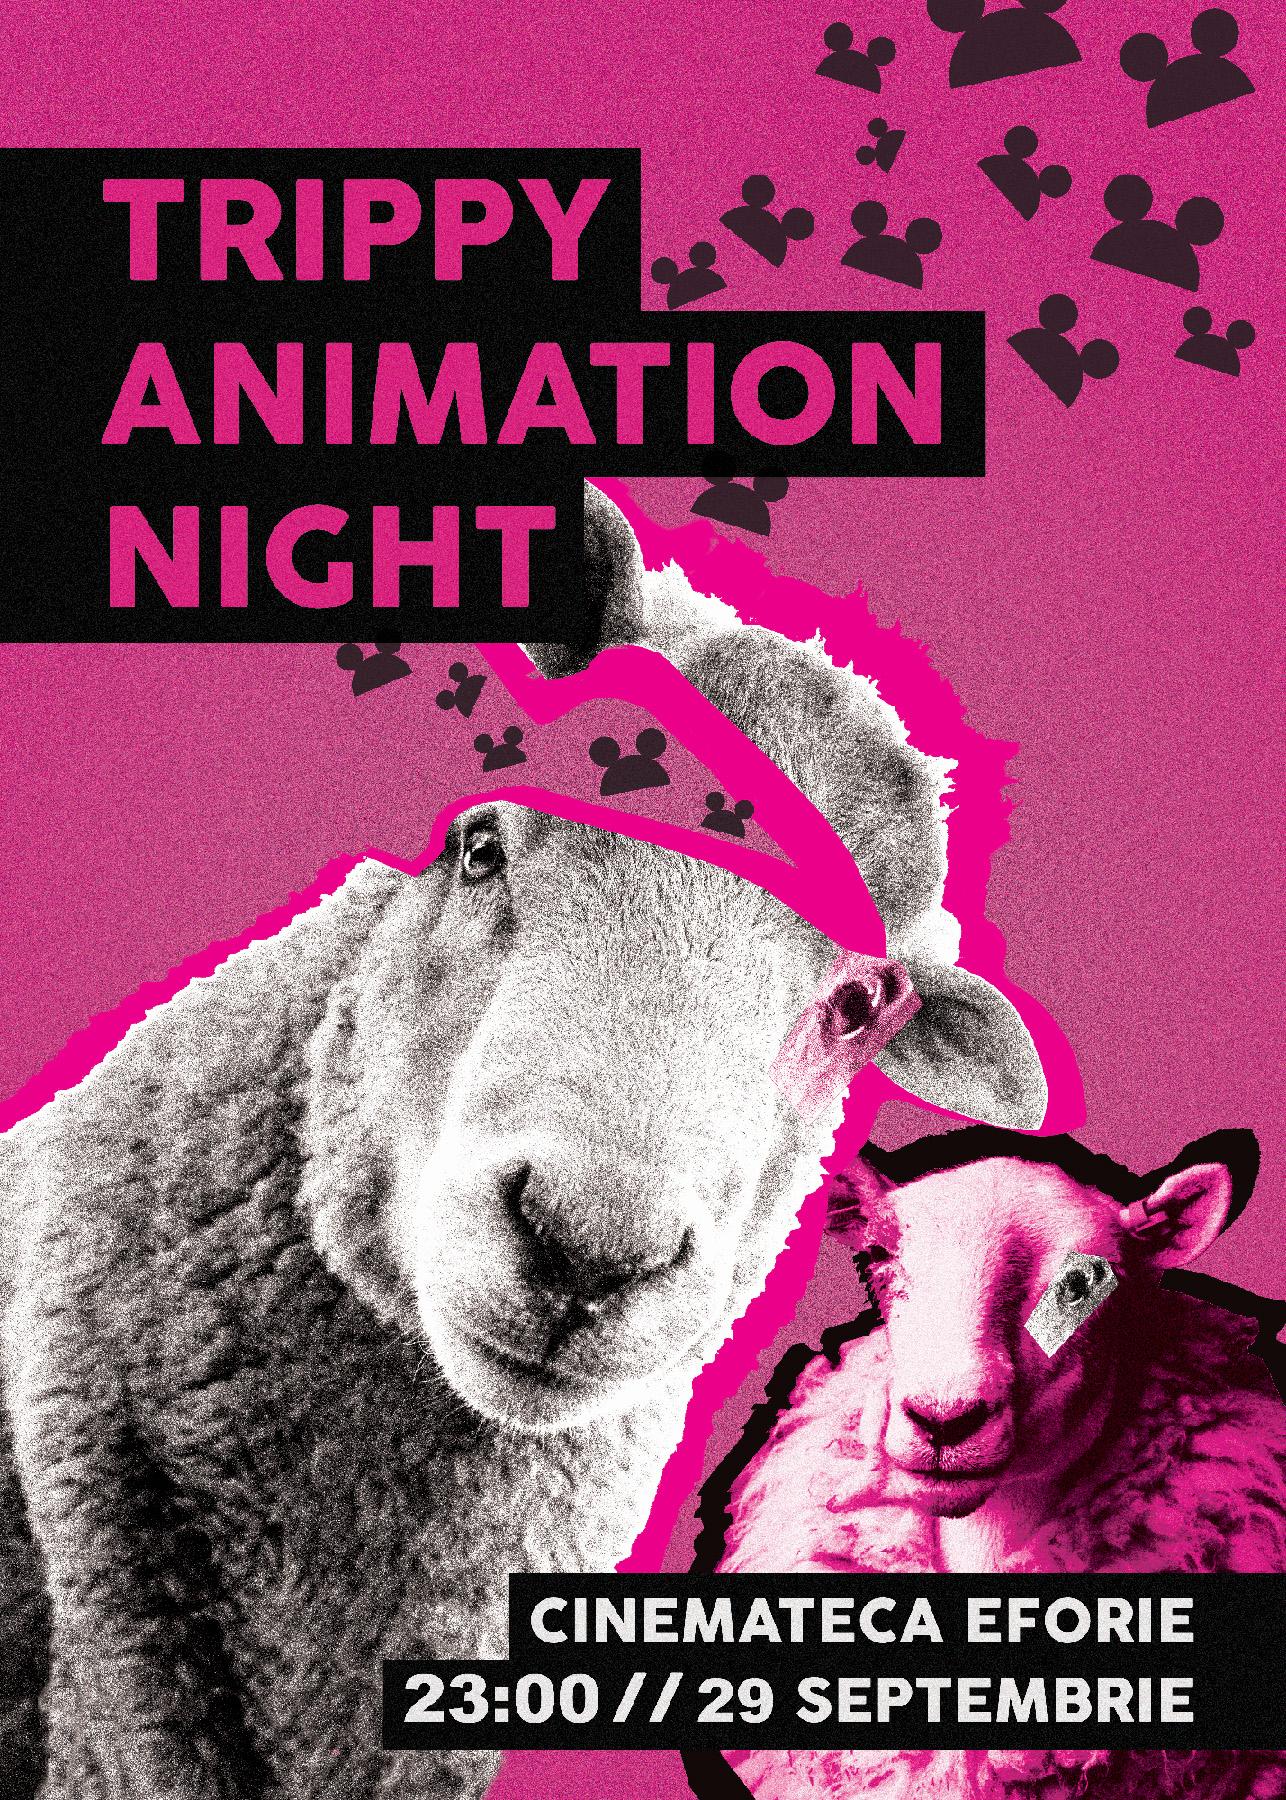 Anim'est de noapte: muzică live, animații horror și experimente bizare